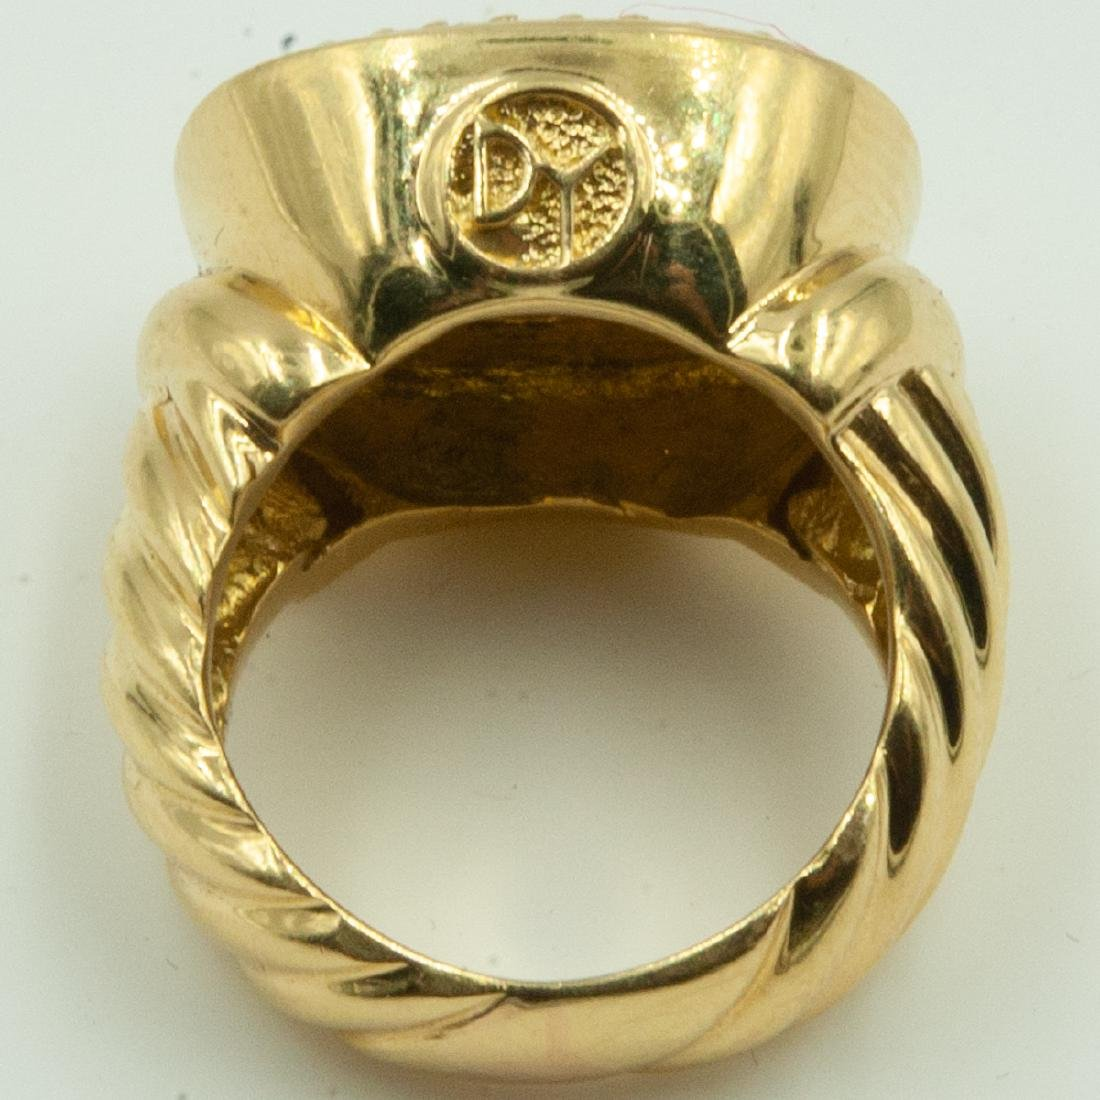 David Yurman Diamond Ring - 4